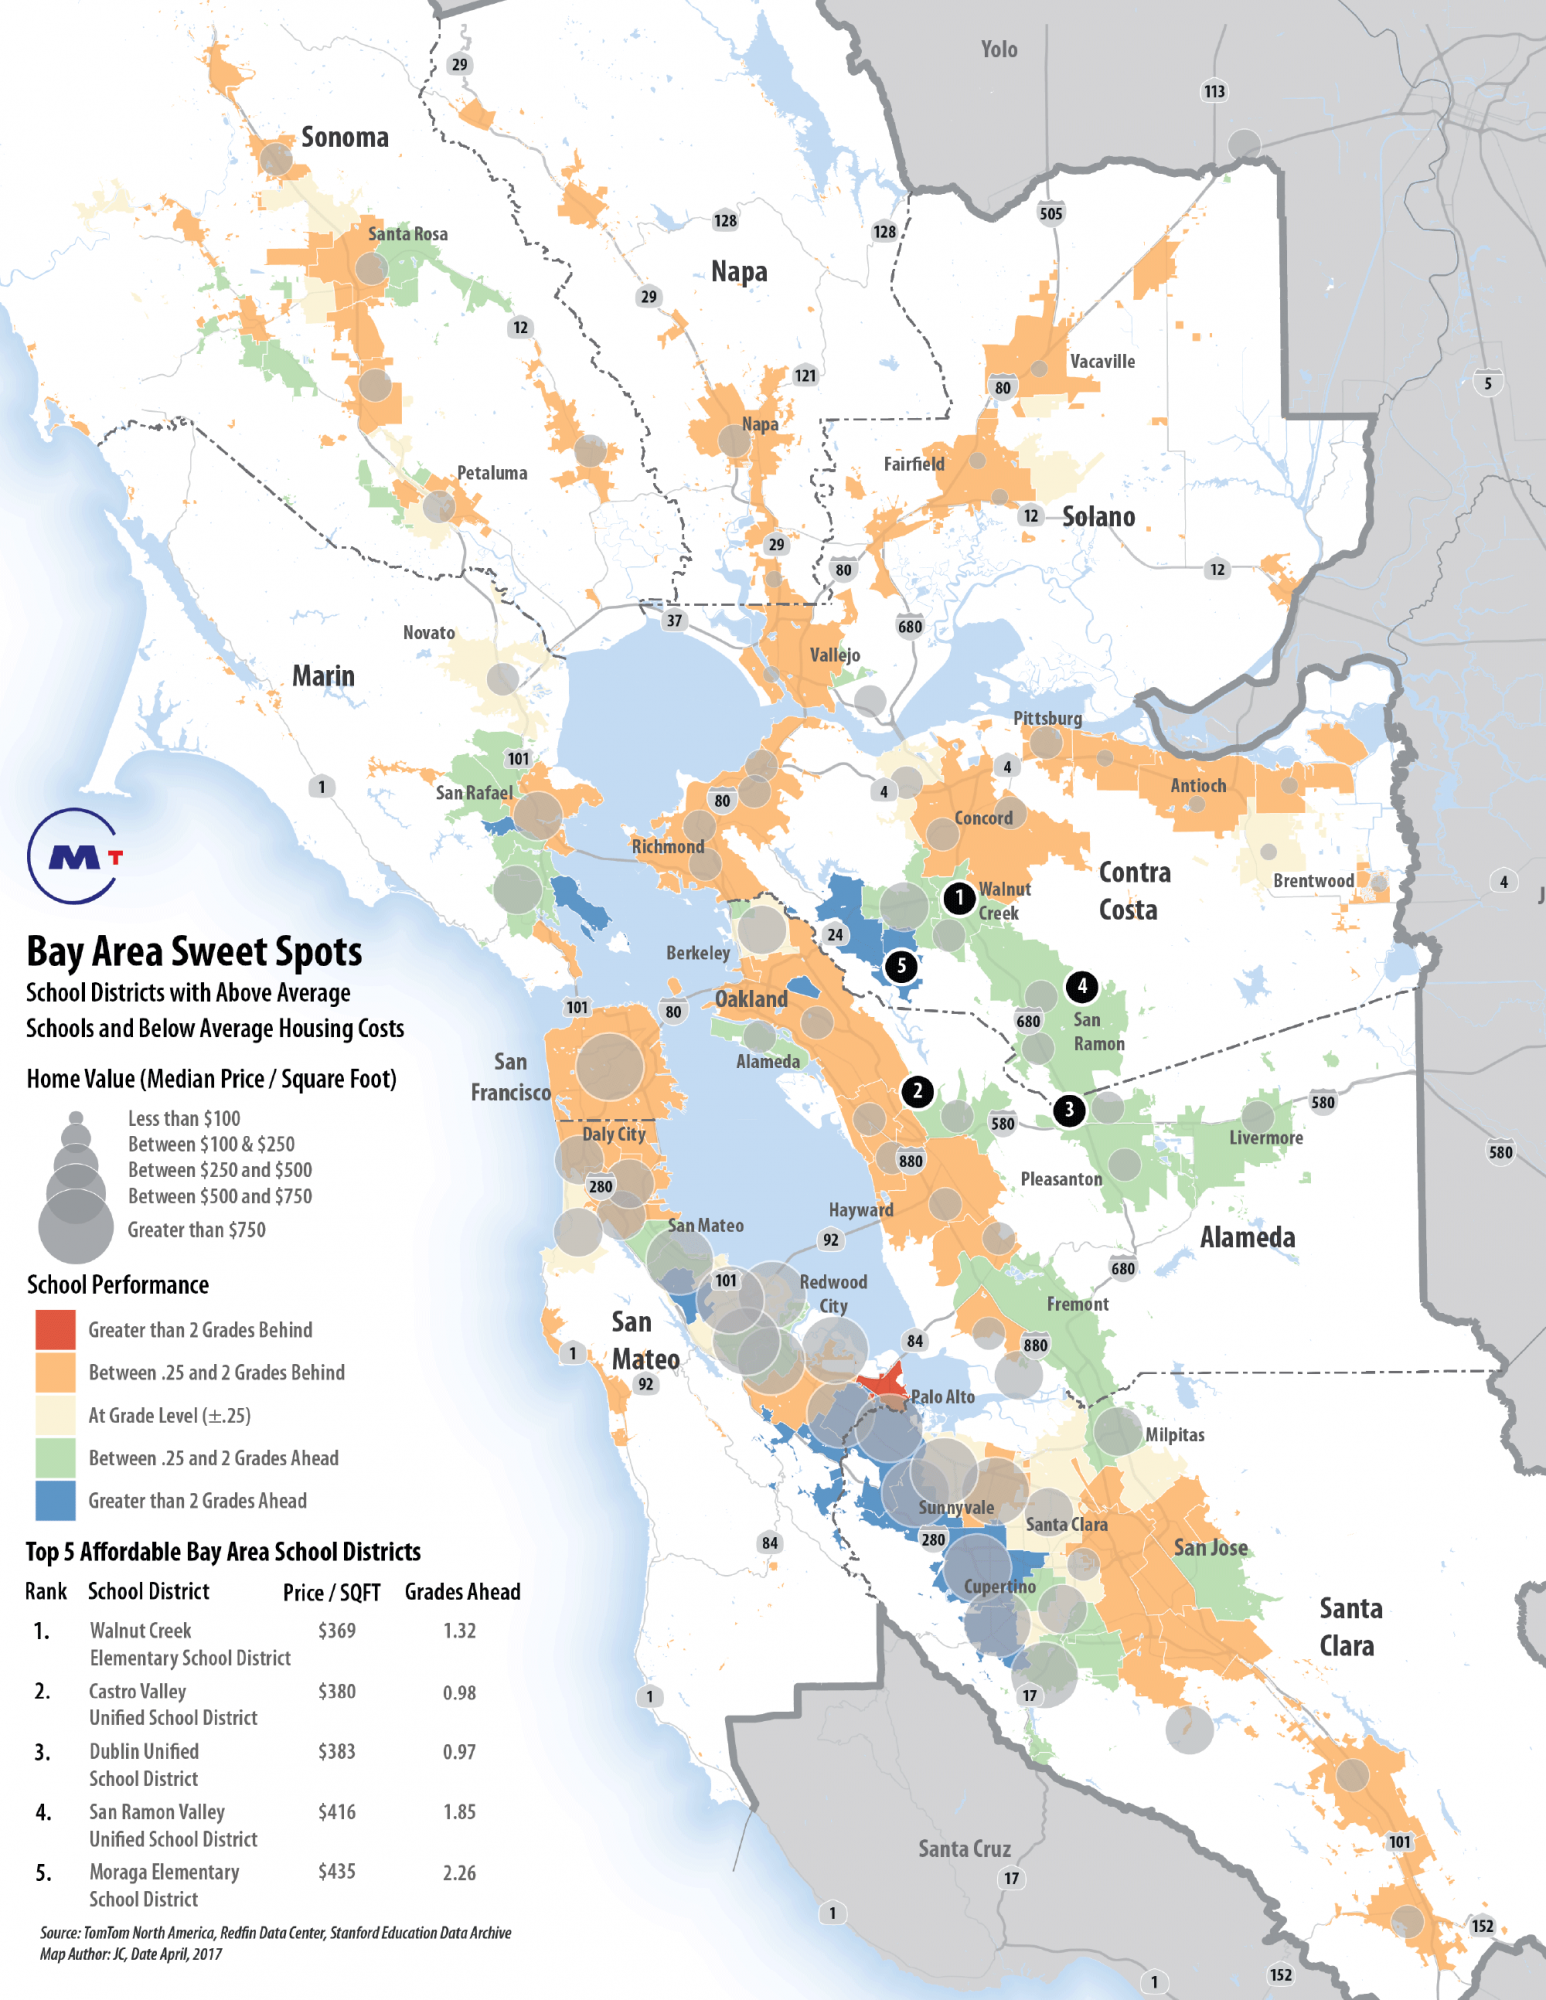 Bay Area Sweet Spots